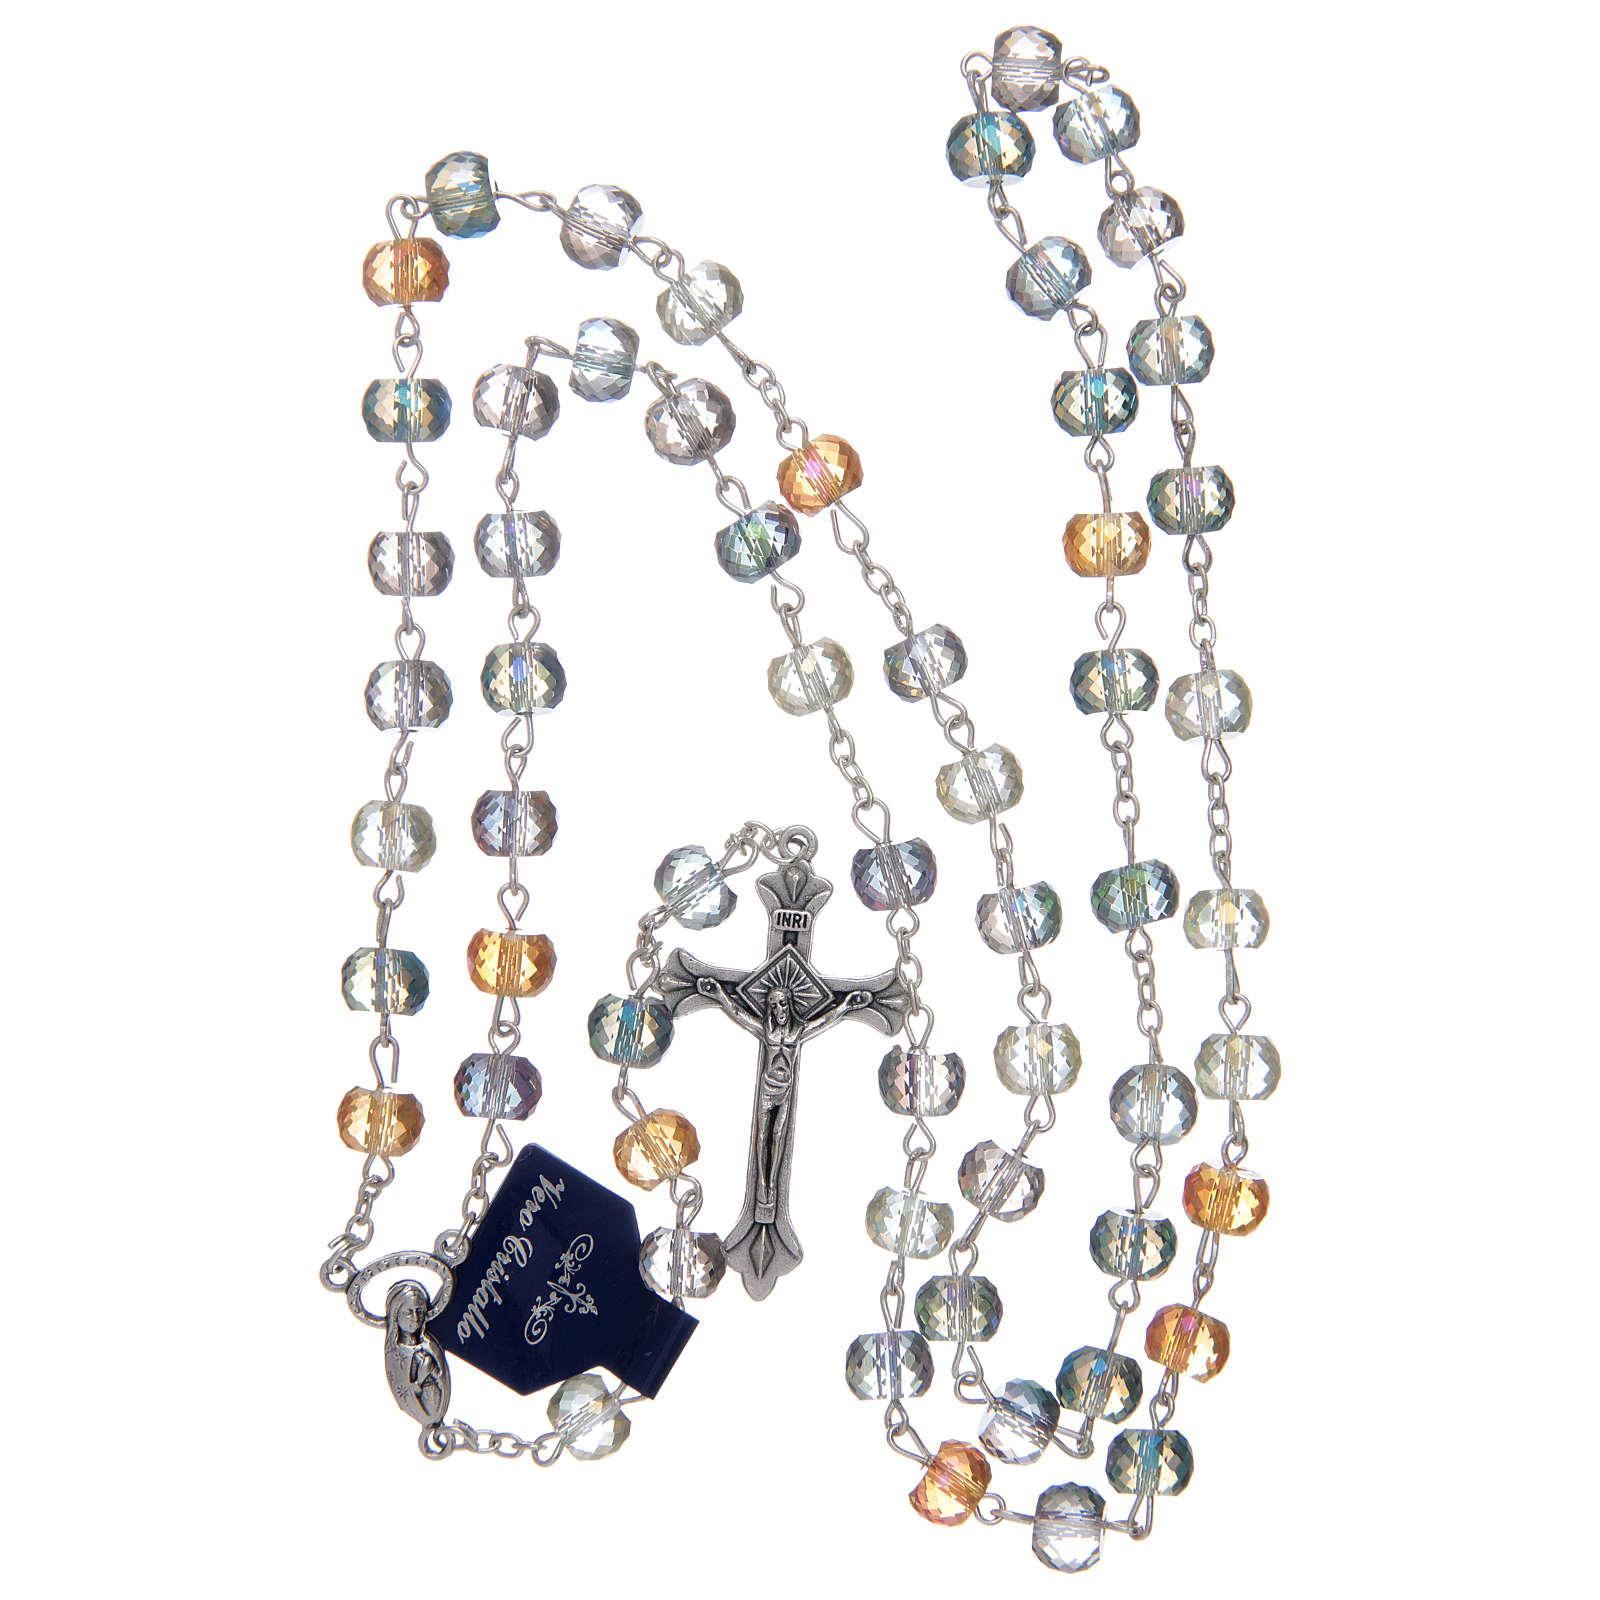 Rosario con grani in cristallo con taglio brillante multicolore 4